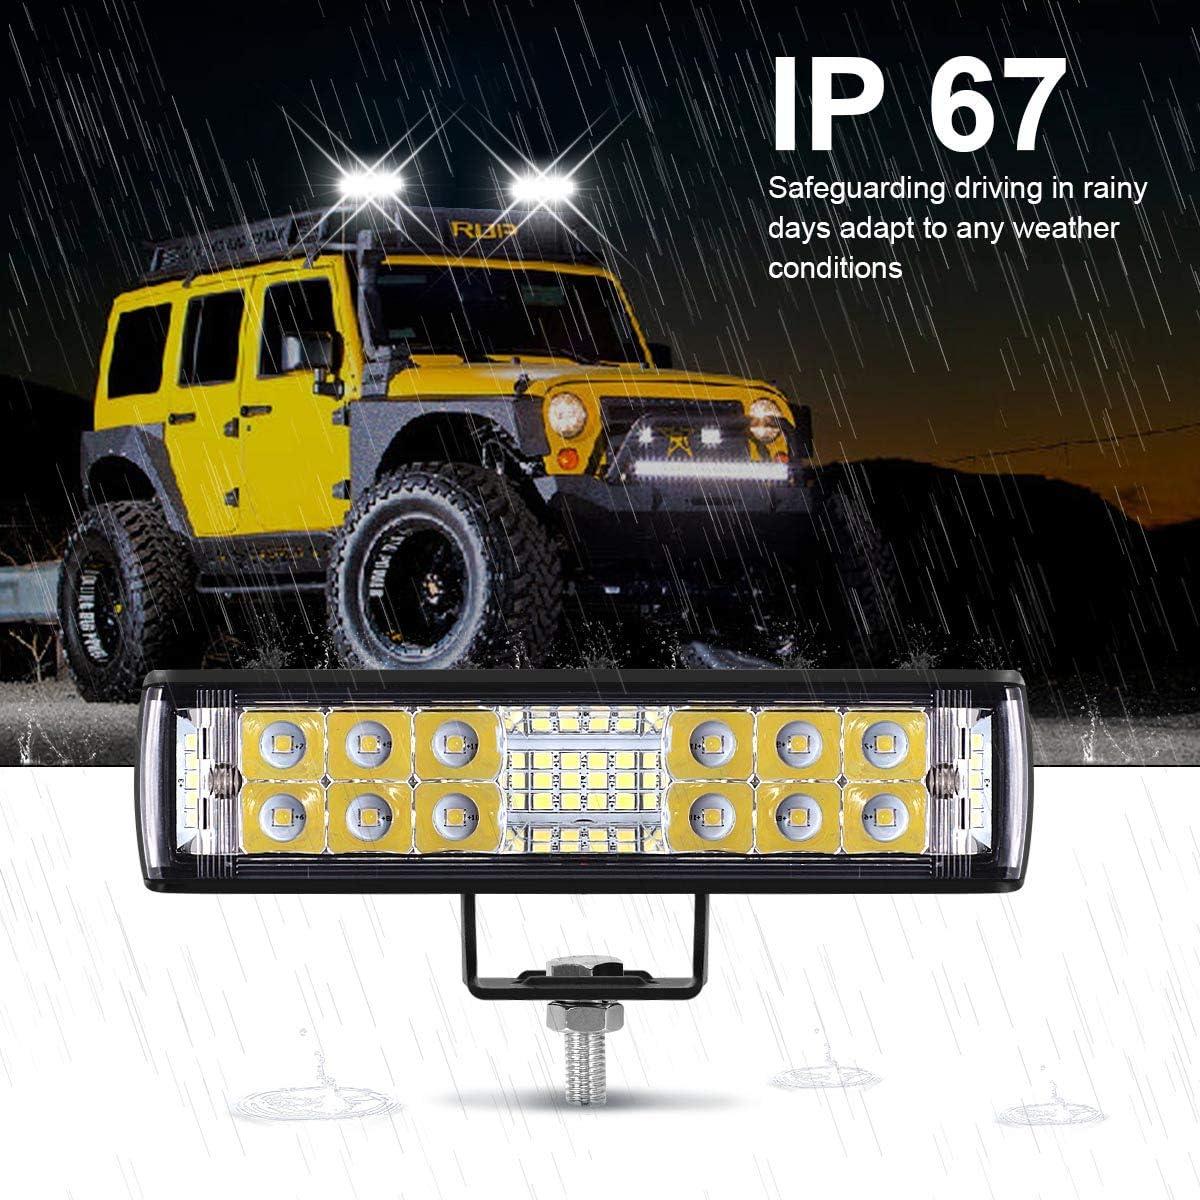 Kawell 12V LED Light Bar 2PCS 36WLed Pods Flood Spot Off Road Driving Fog Lights for Trucks Boat ATV